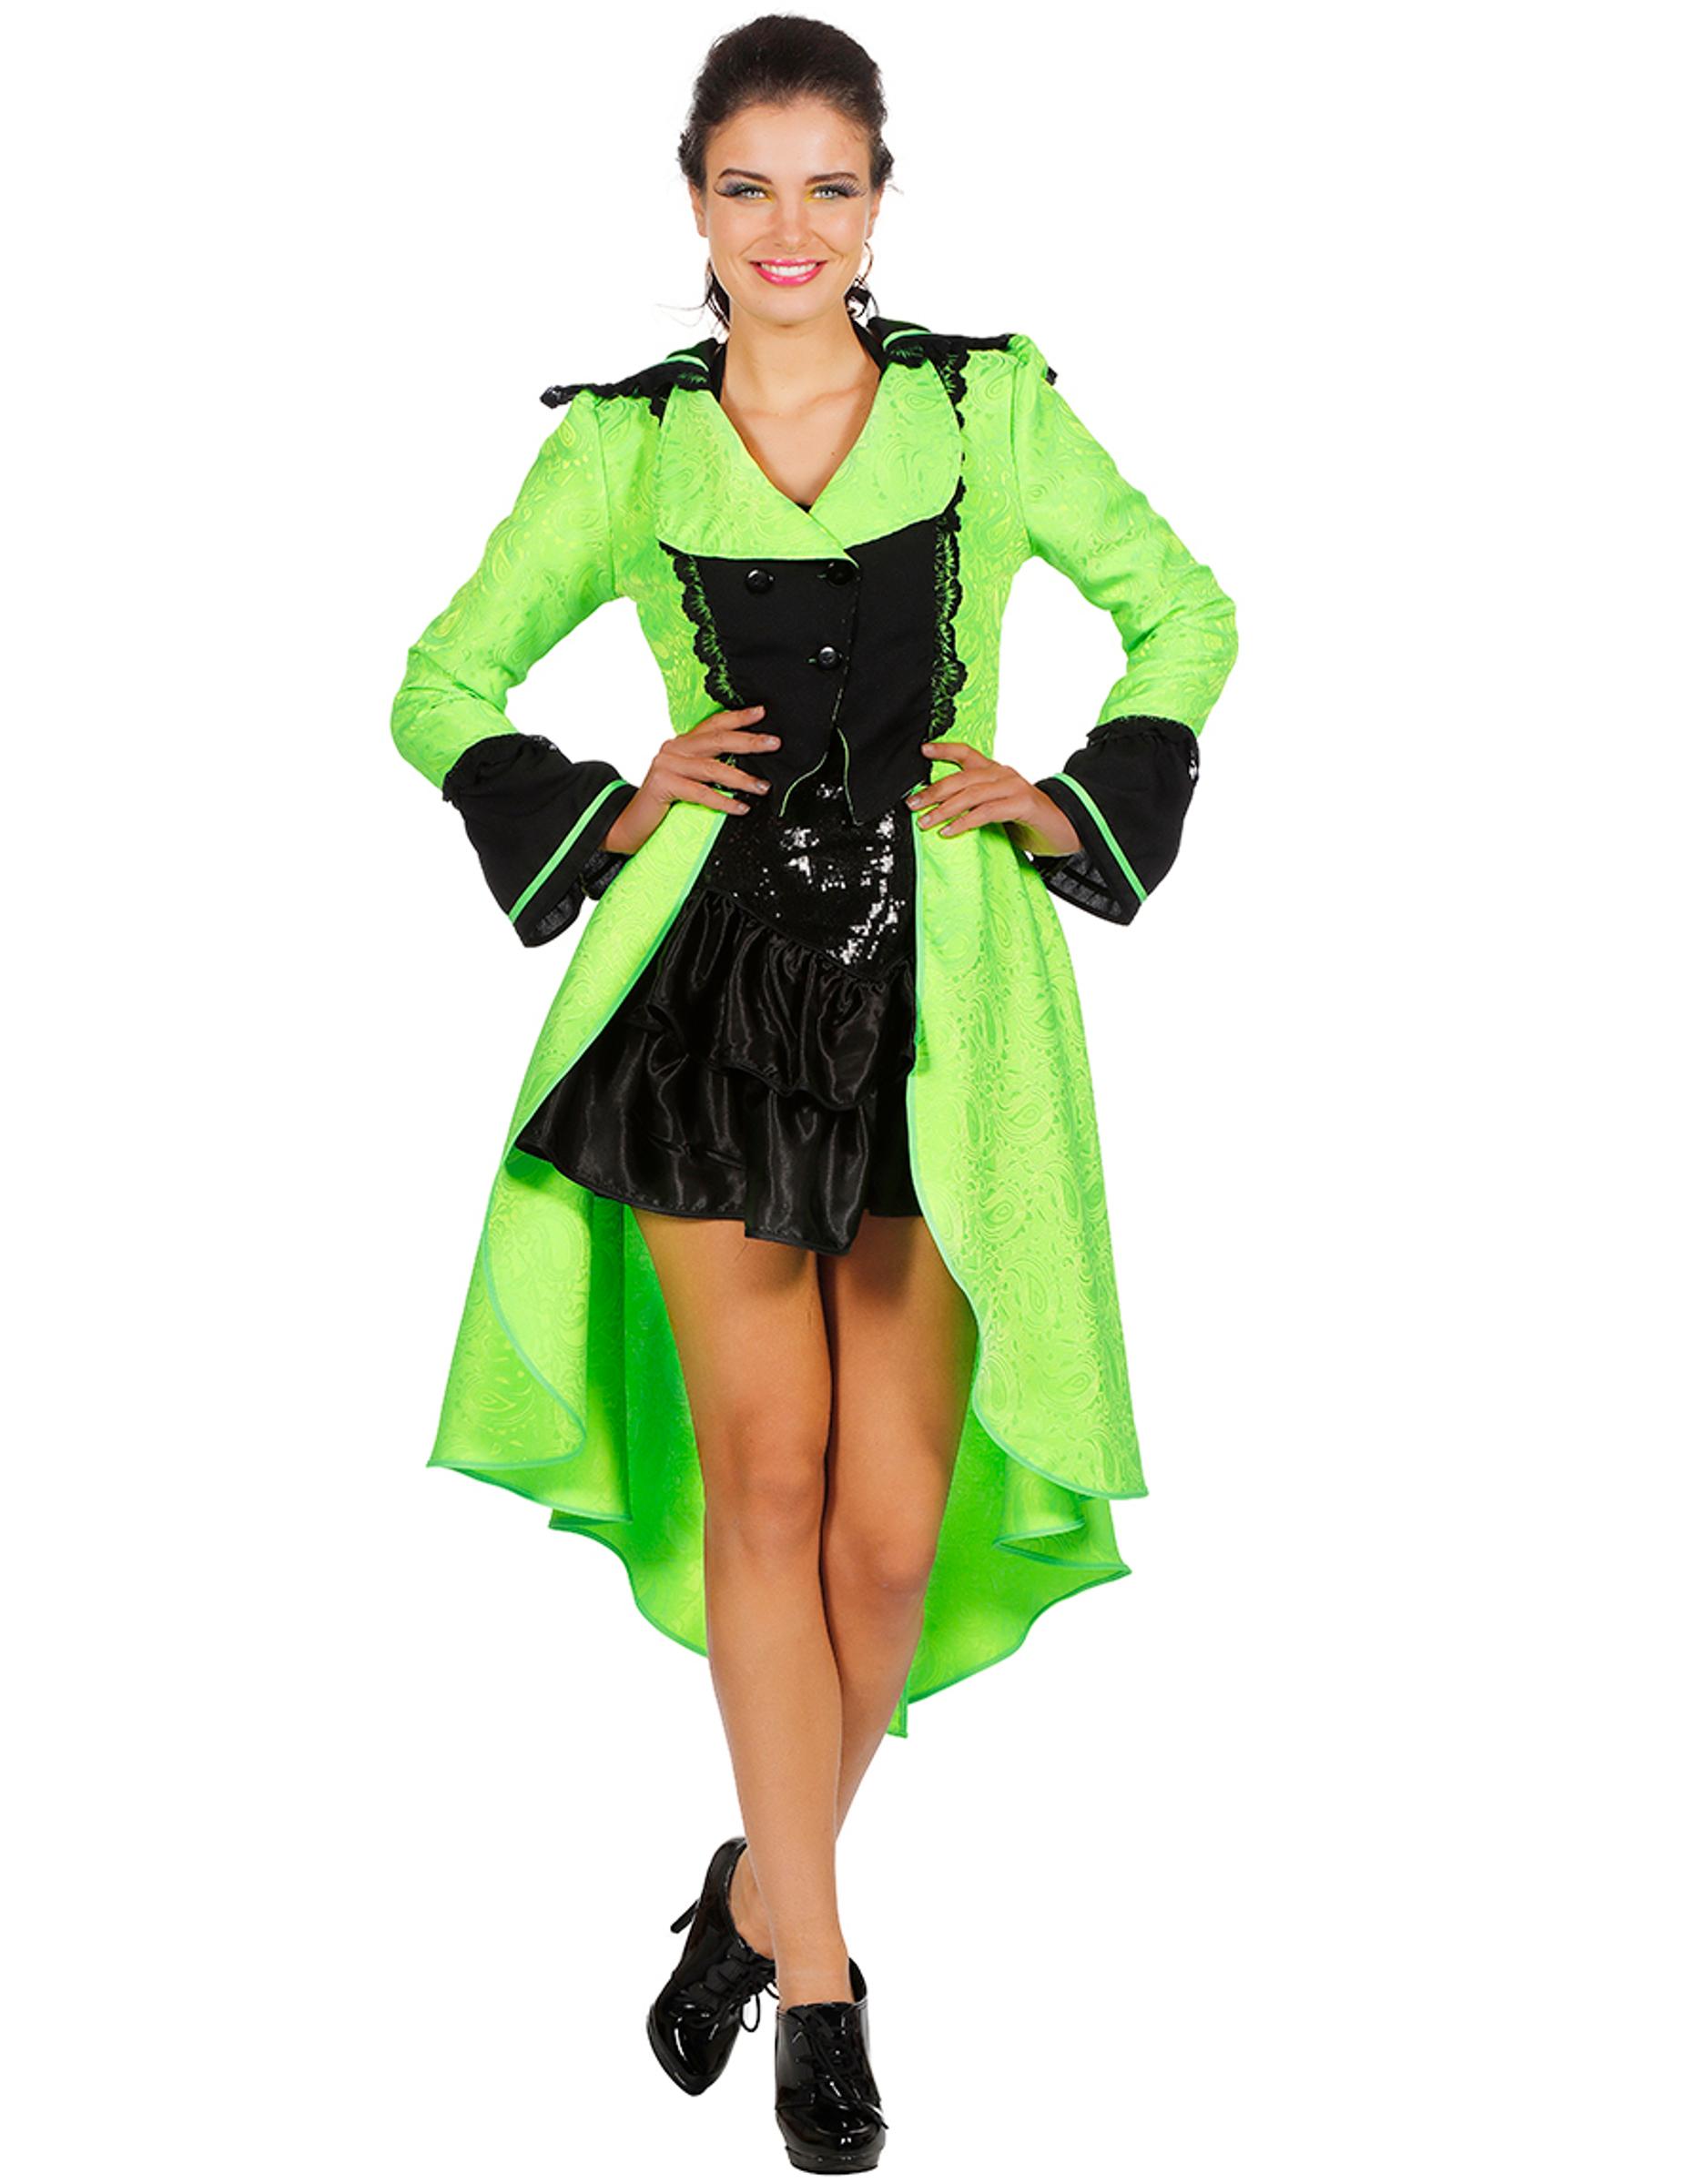 Cappotto vittoriano verde fluo deluxe per donna  Costumi adulti c2ba5a5abd7